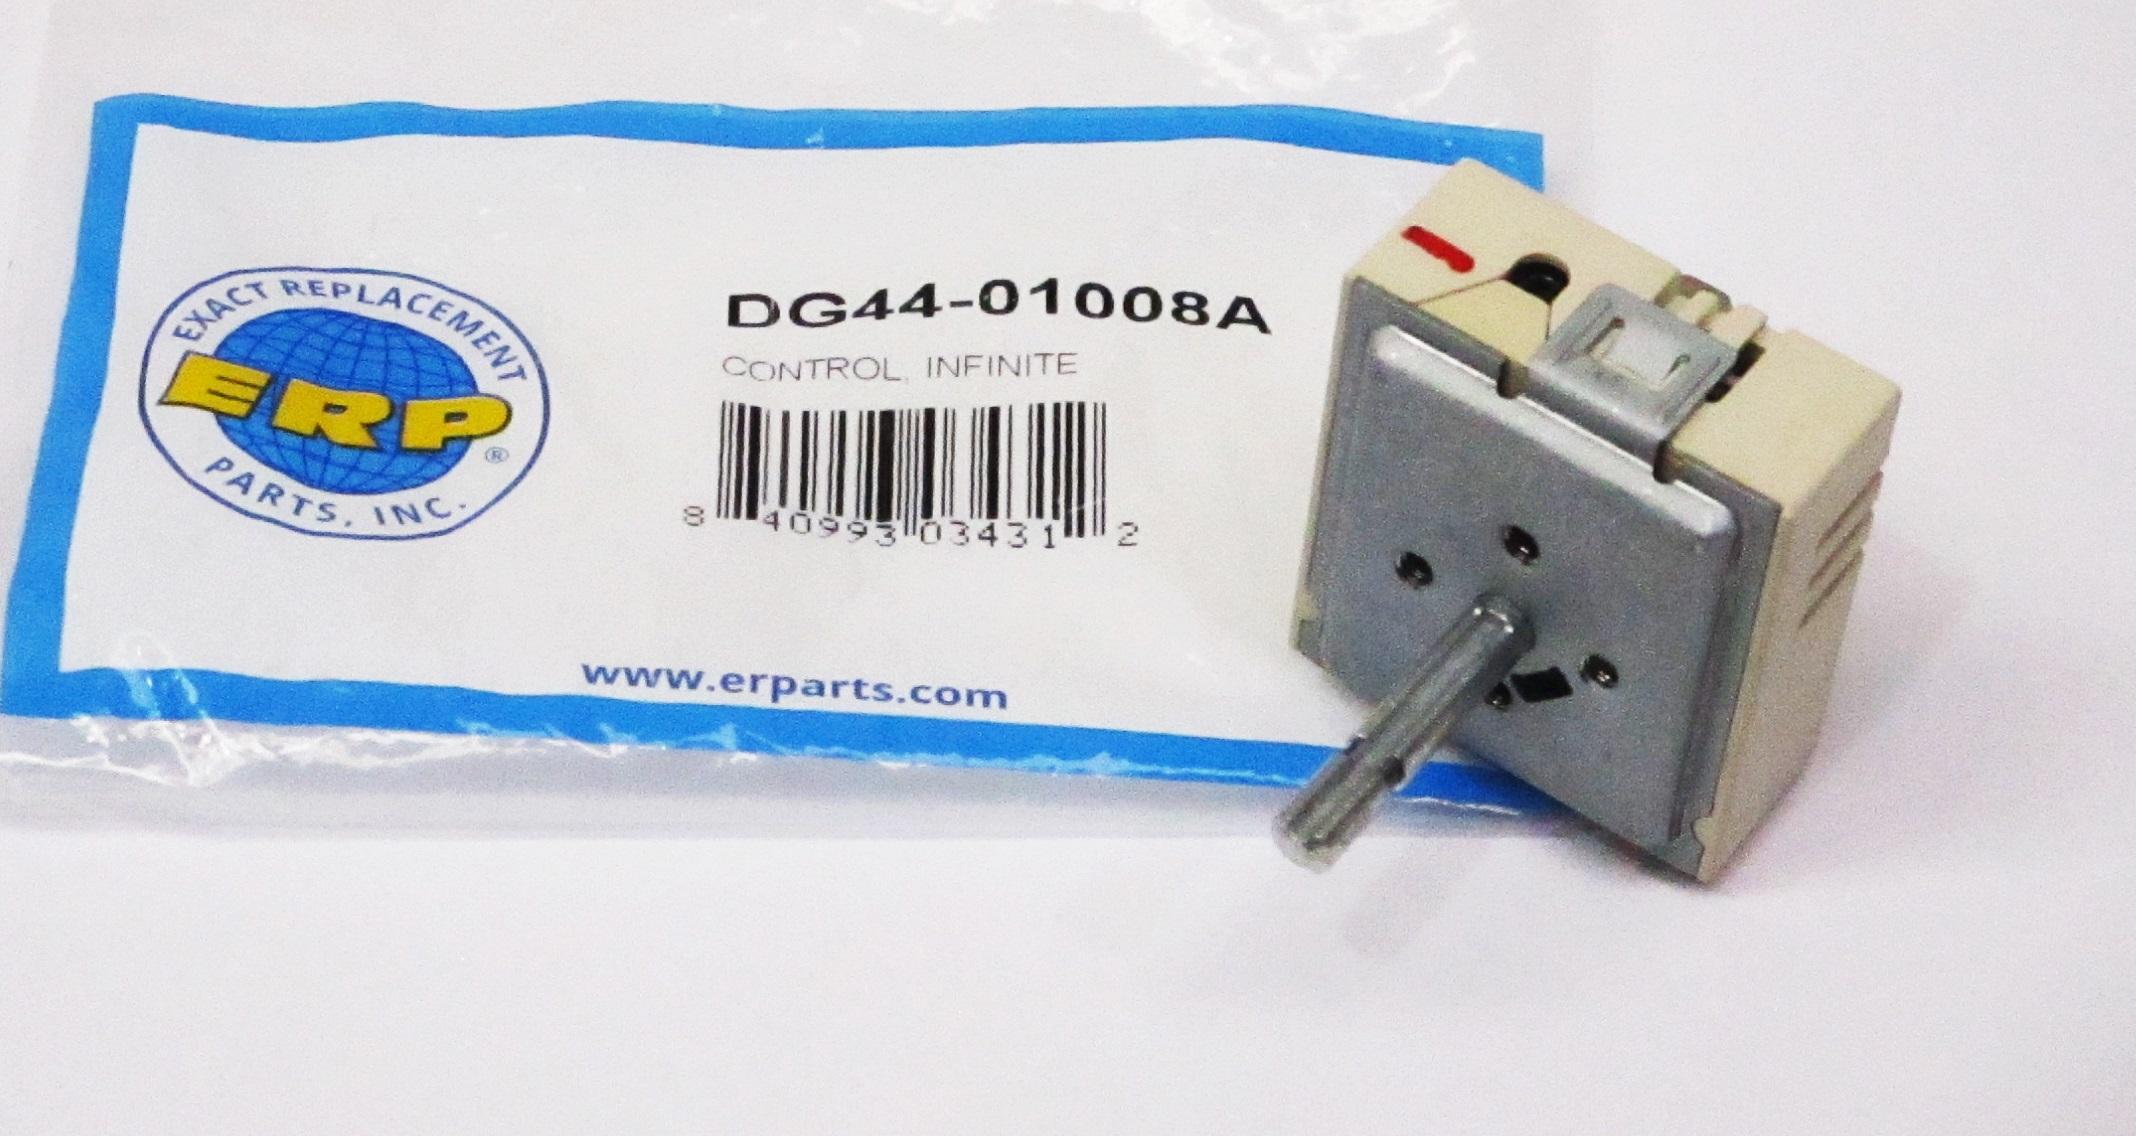 Dg44 01008 For Samsung Range Infinite Burner Switch